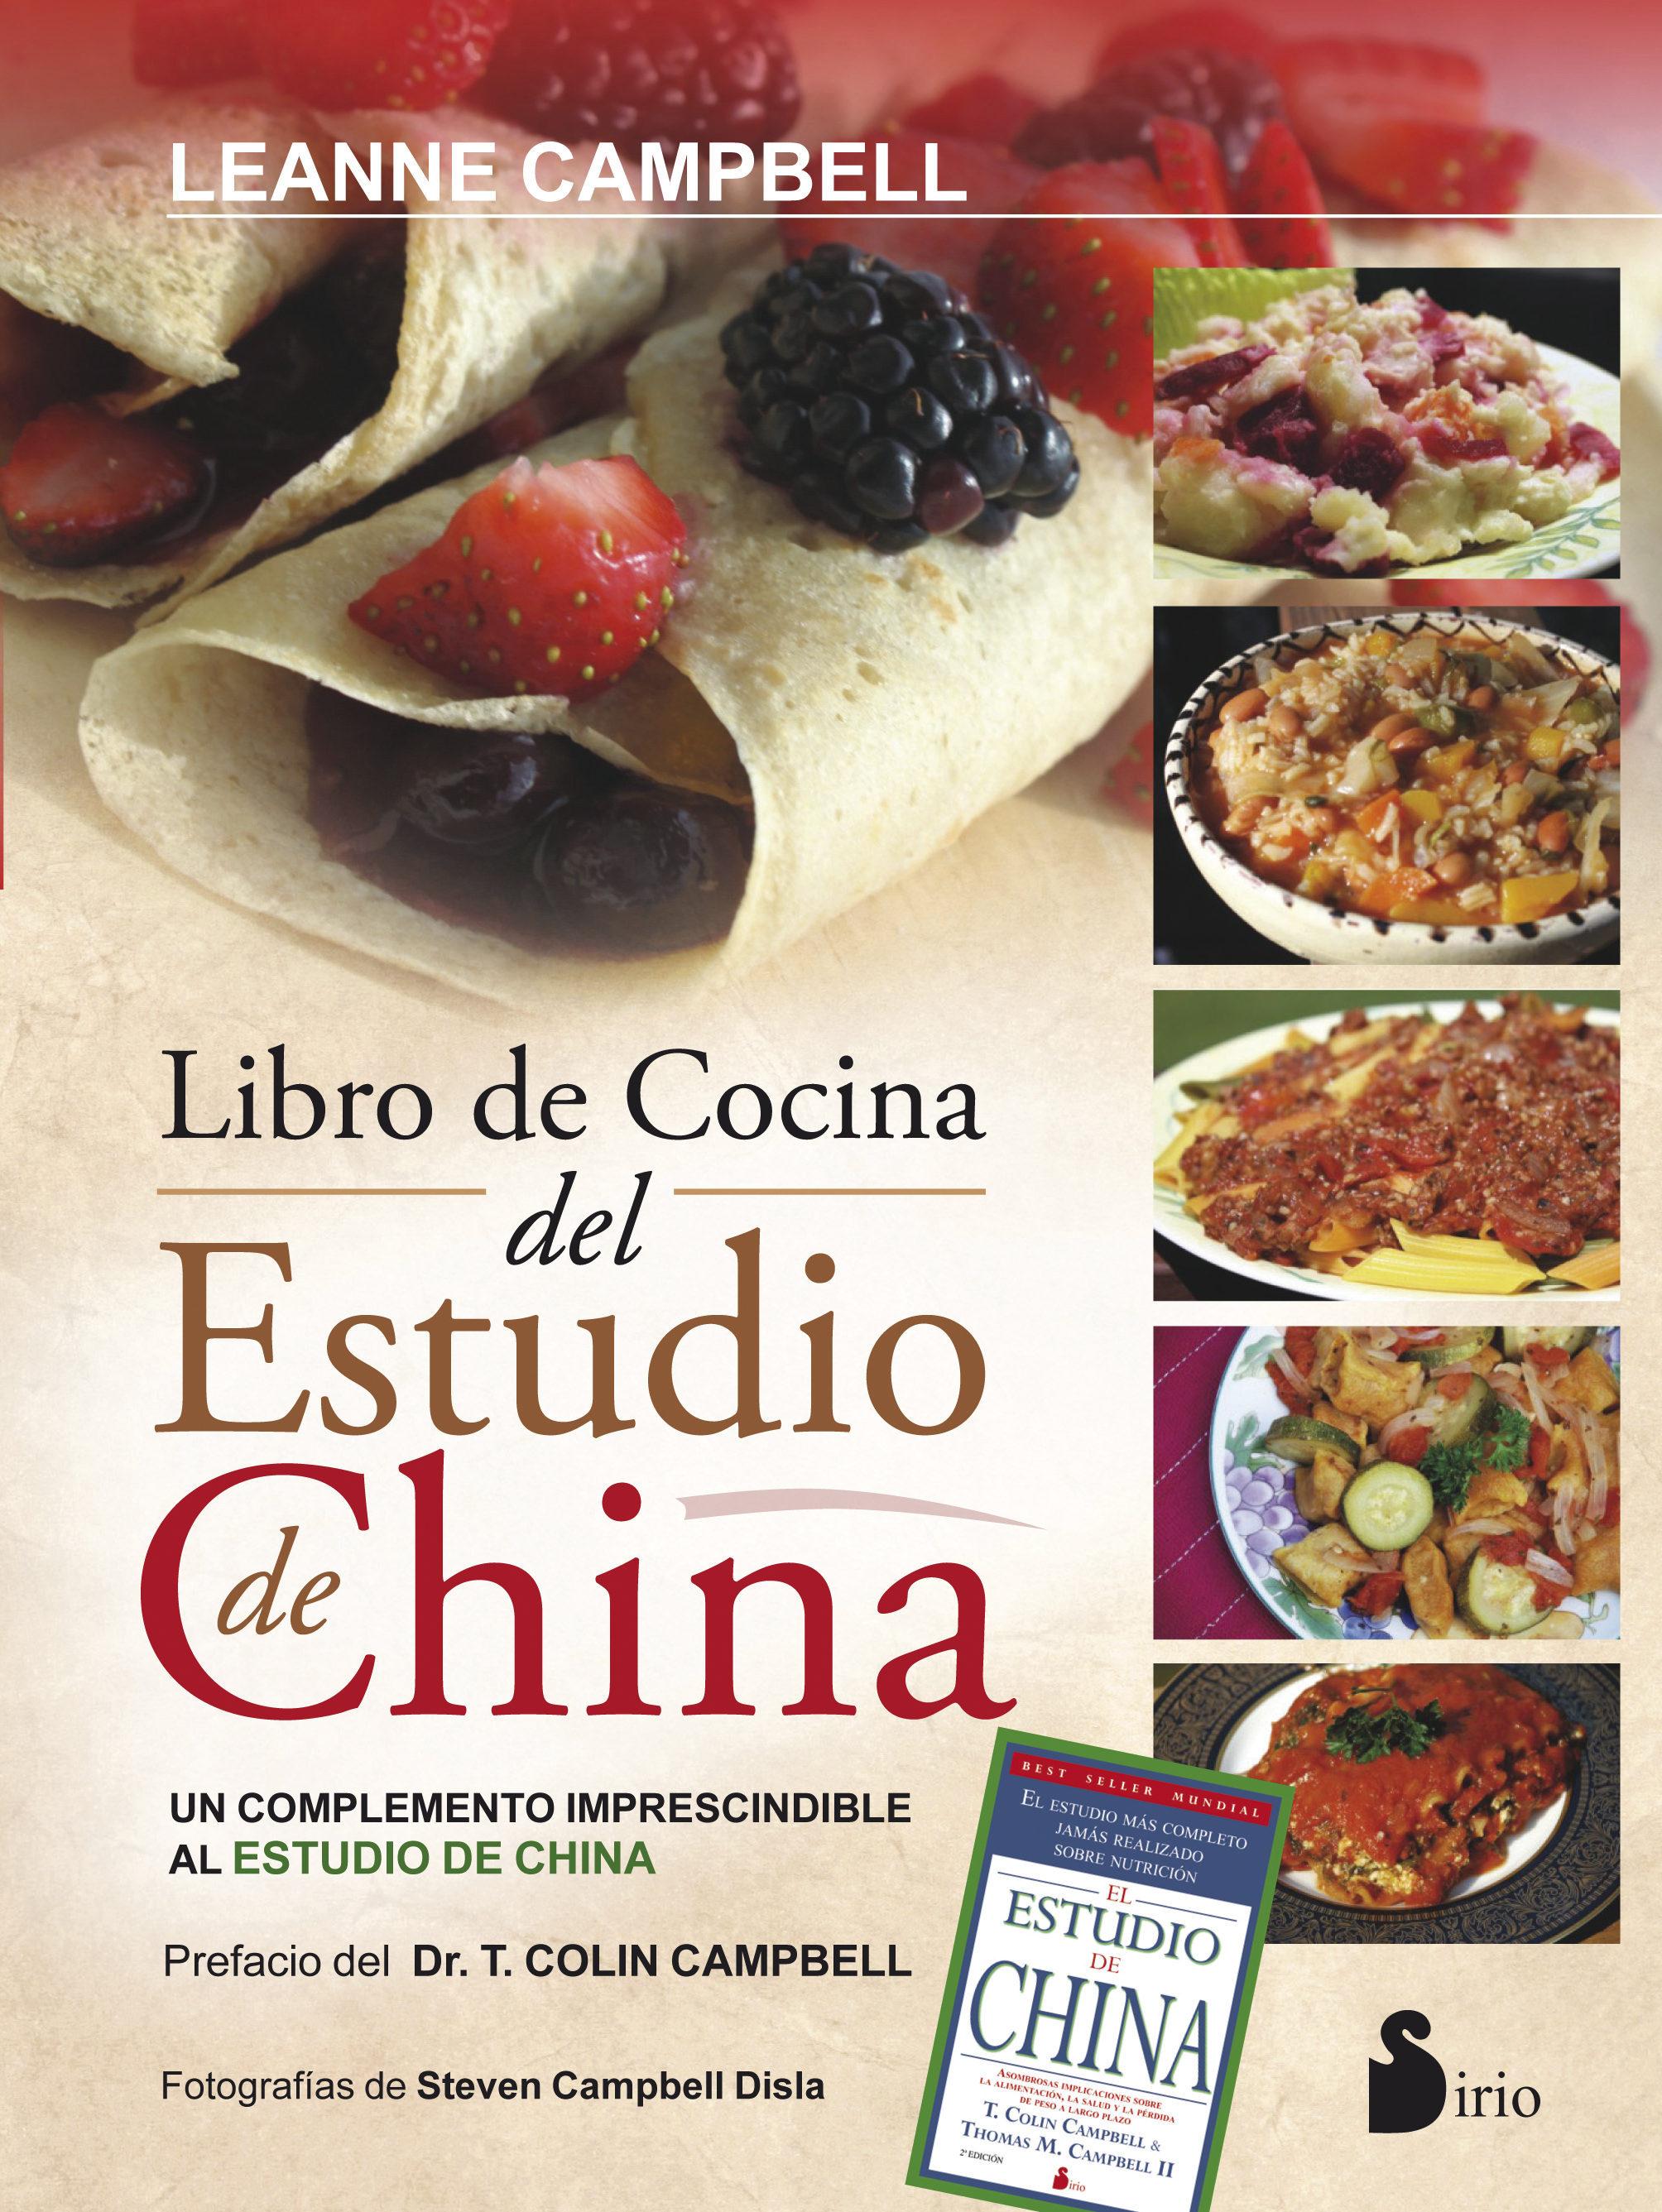 Libro De Cocina Del Estudio De China - Leanne Campbell - Sirio